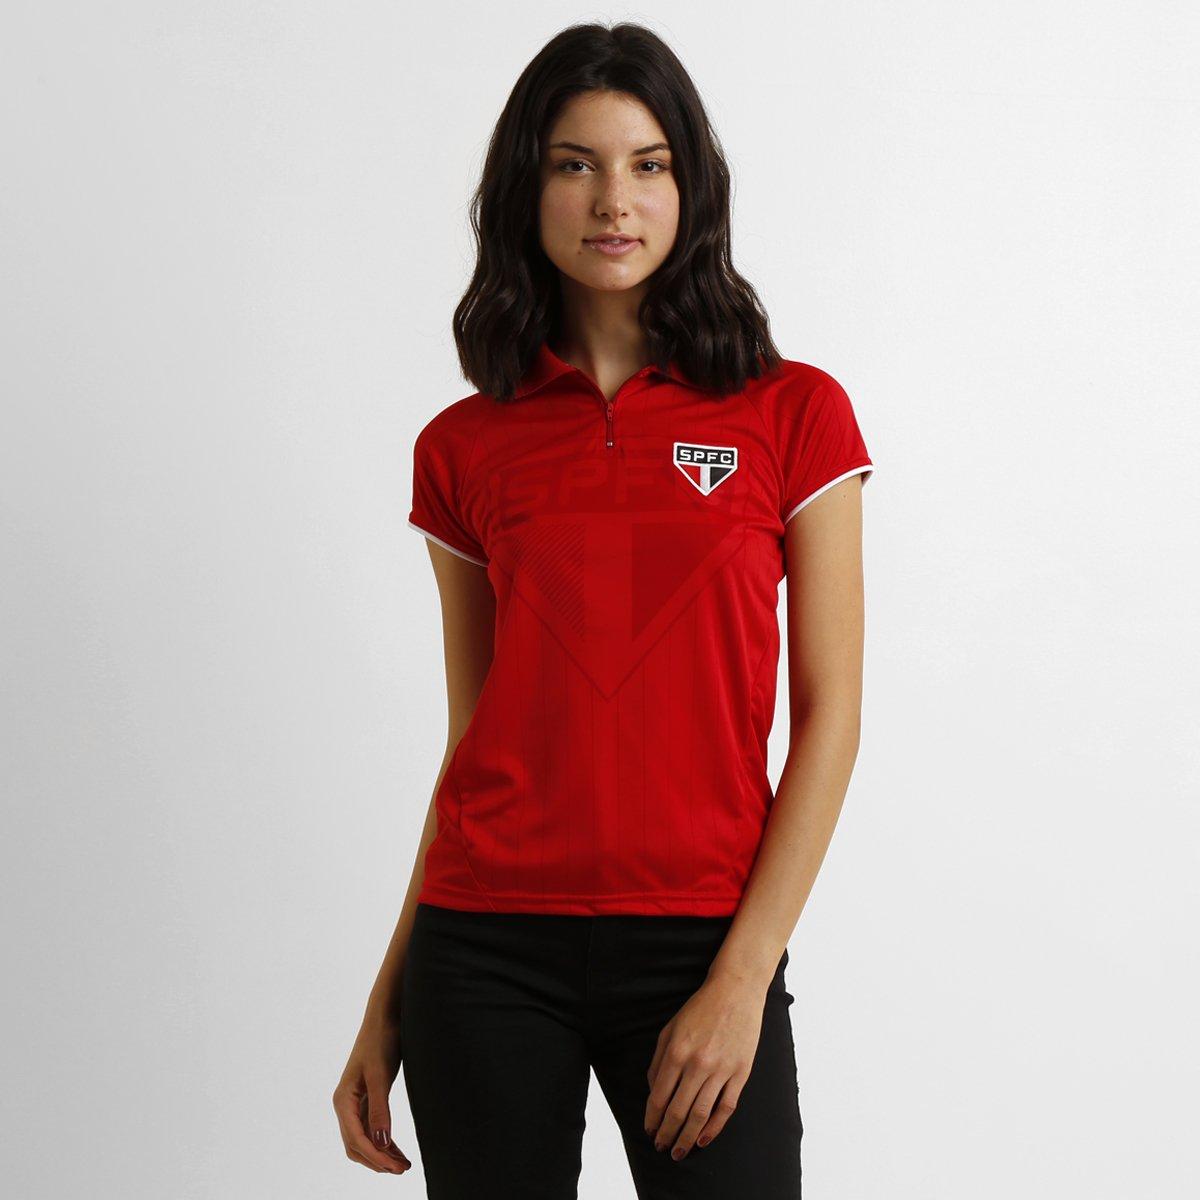 1f0f565d1e024 Camisa Polo Feminina Tailormade São Paulo - Compre Agora